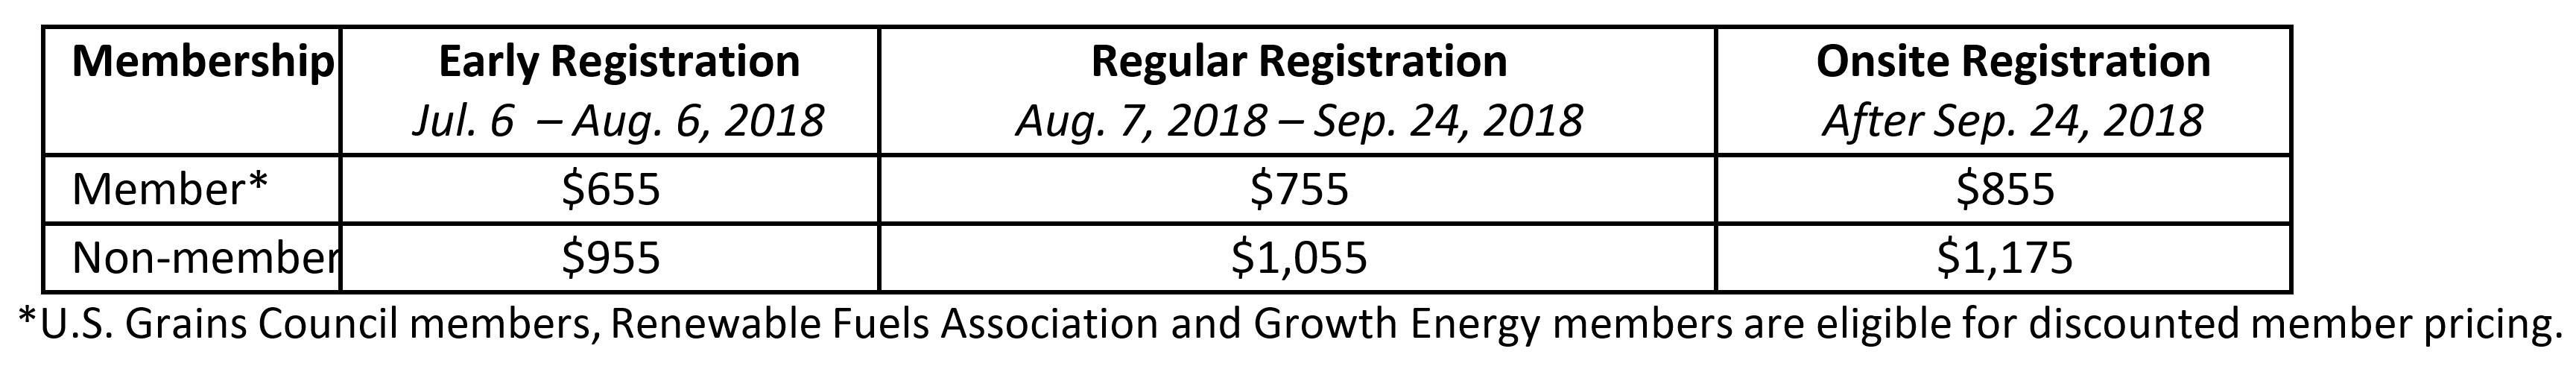 Registration Costs for 2018 Export Exchange